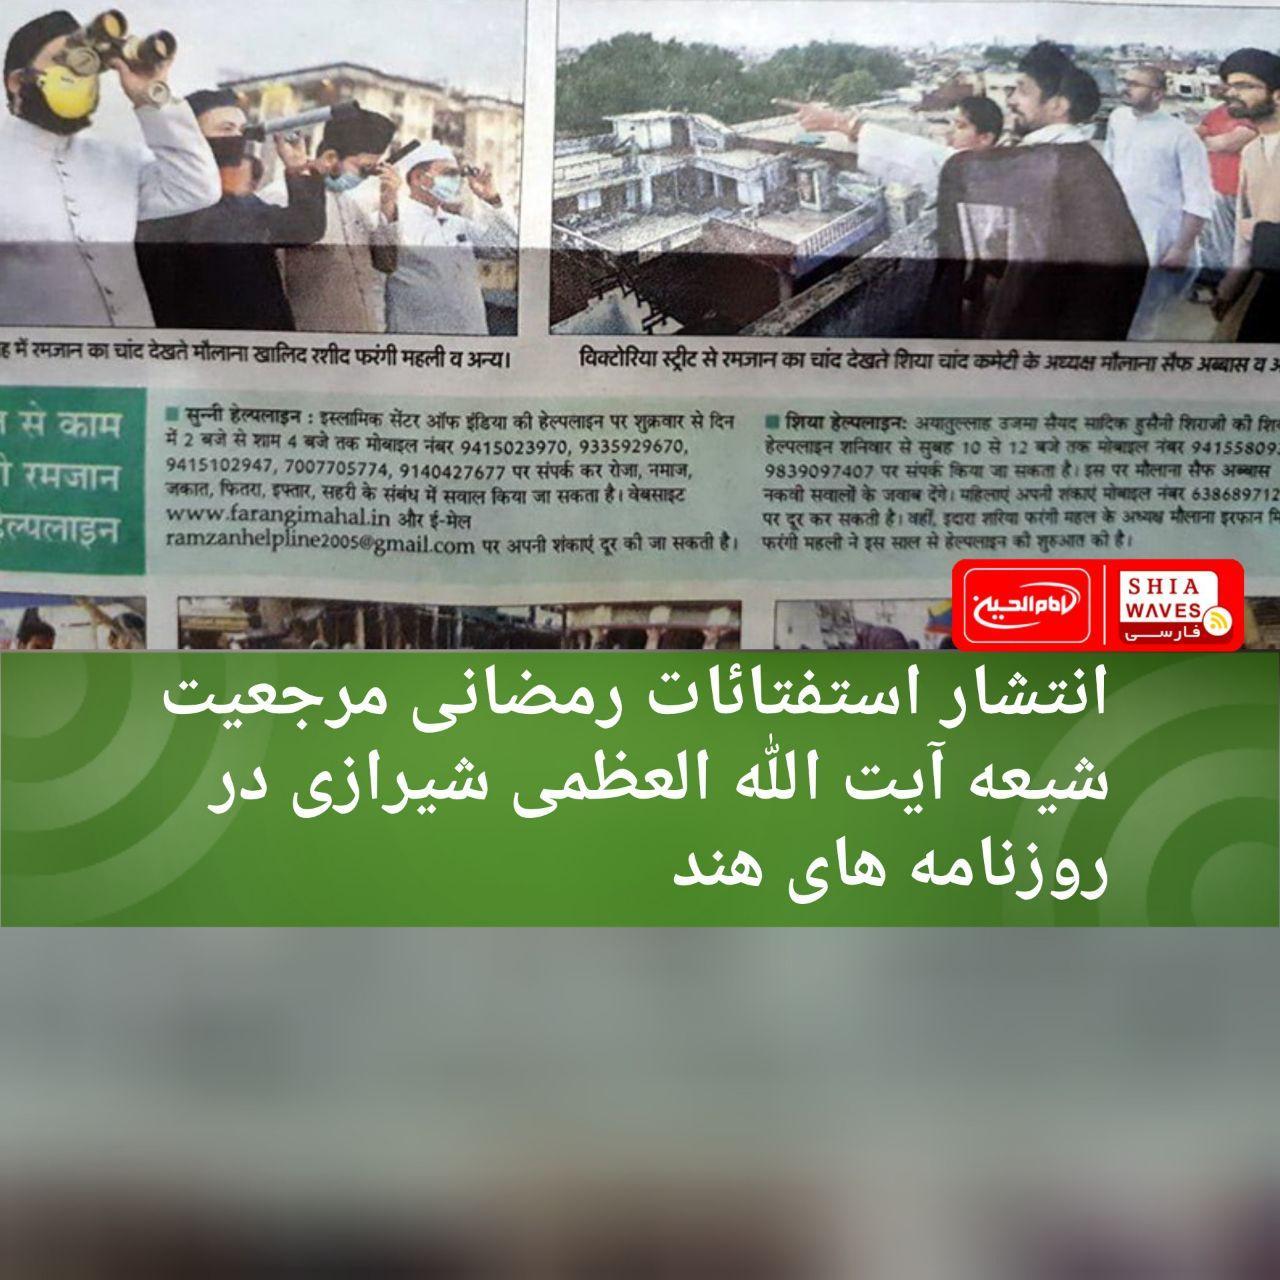 تصویر انتشار استفتائات رمضانی مرجعیت شیعه آیت الله العظمی شیرازی در روزنامه های هند